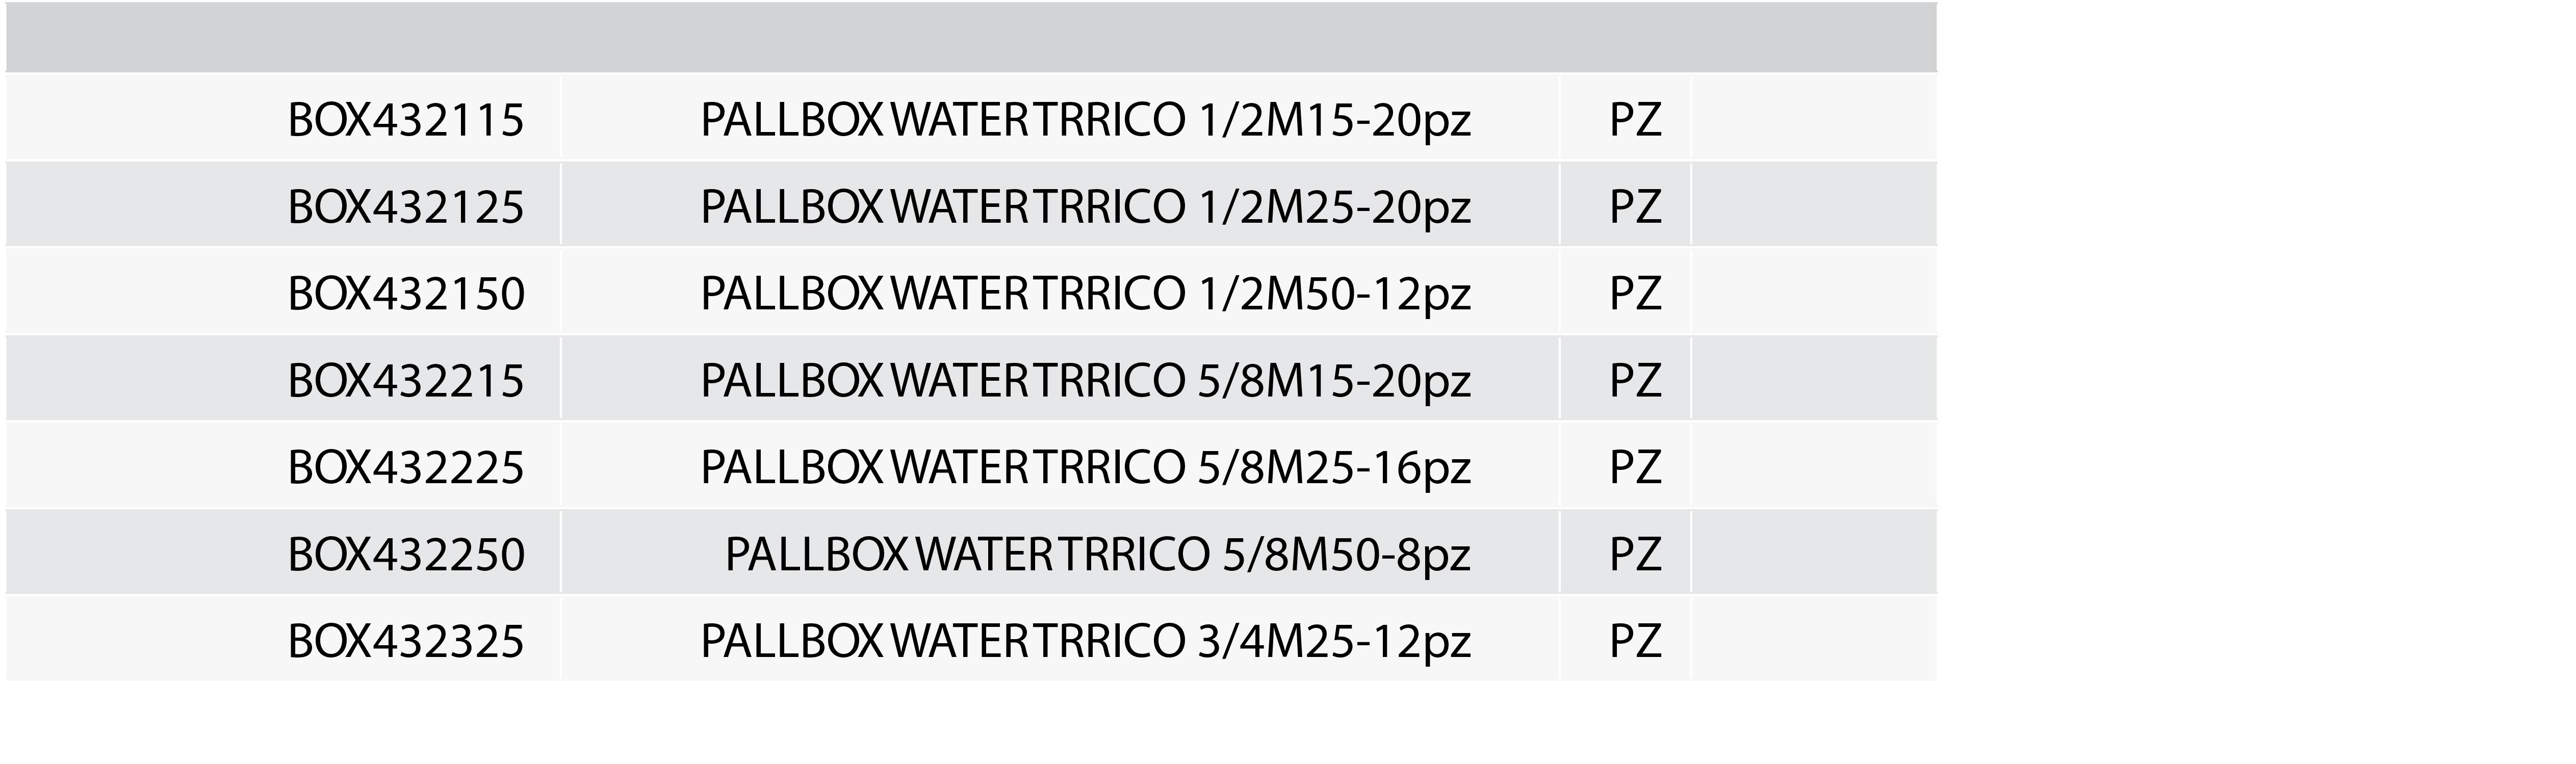 foto_tabella_pallbox_water_trrico_verde